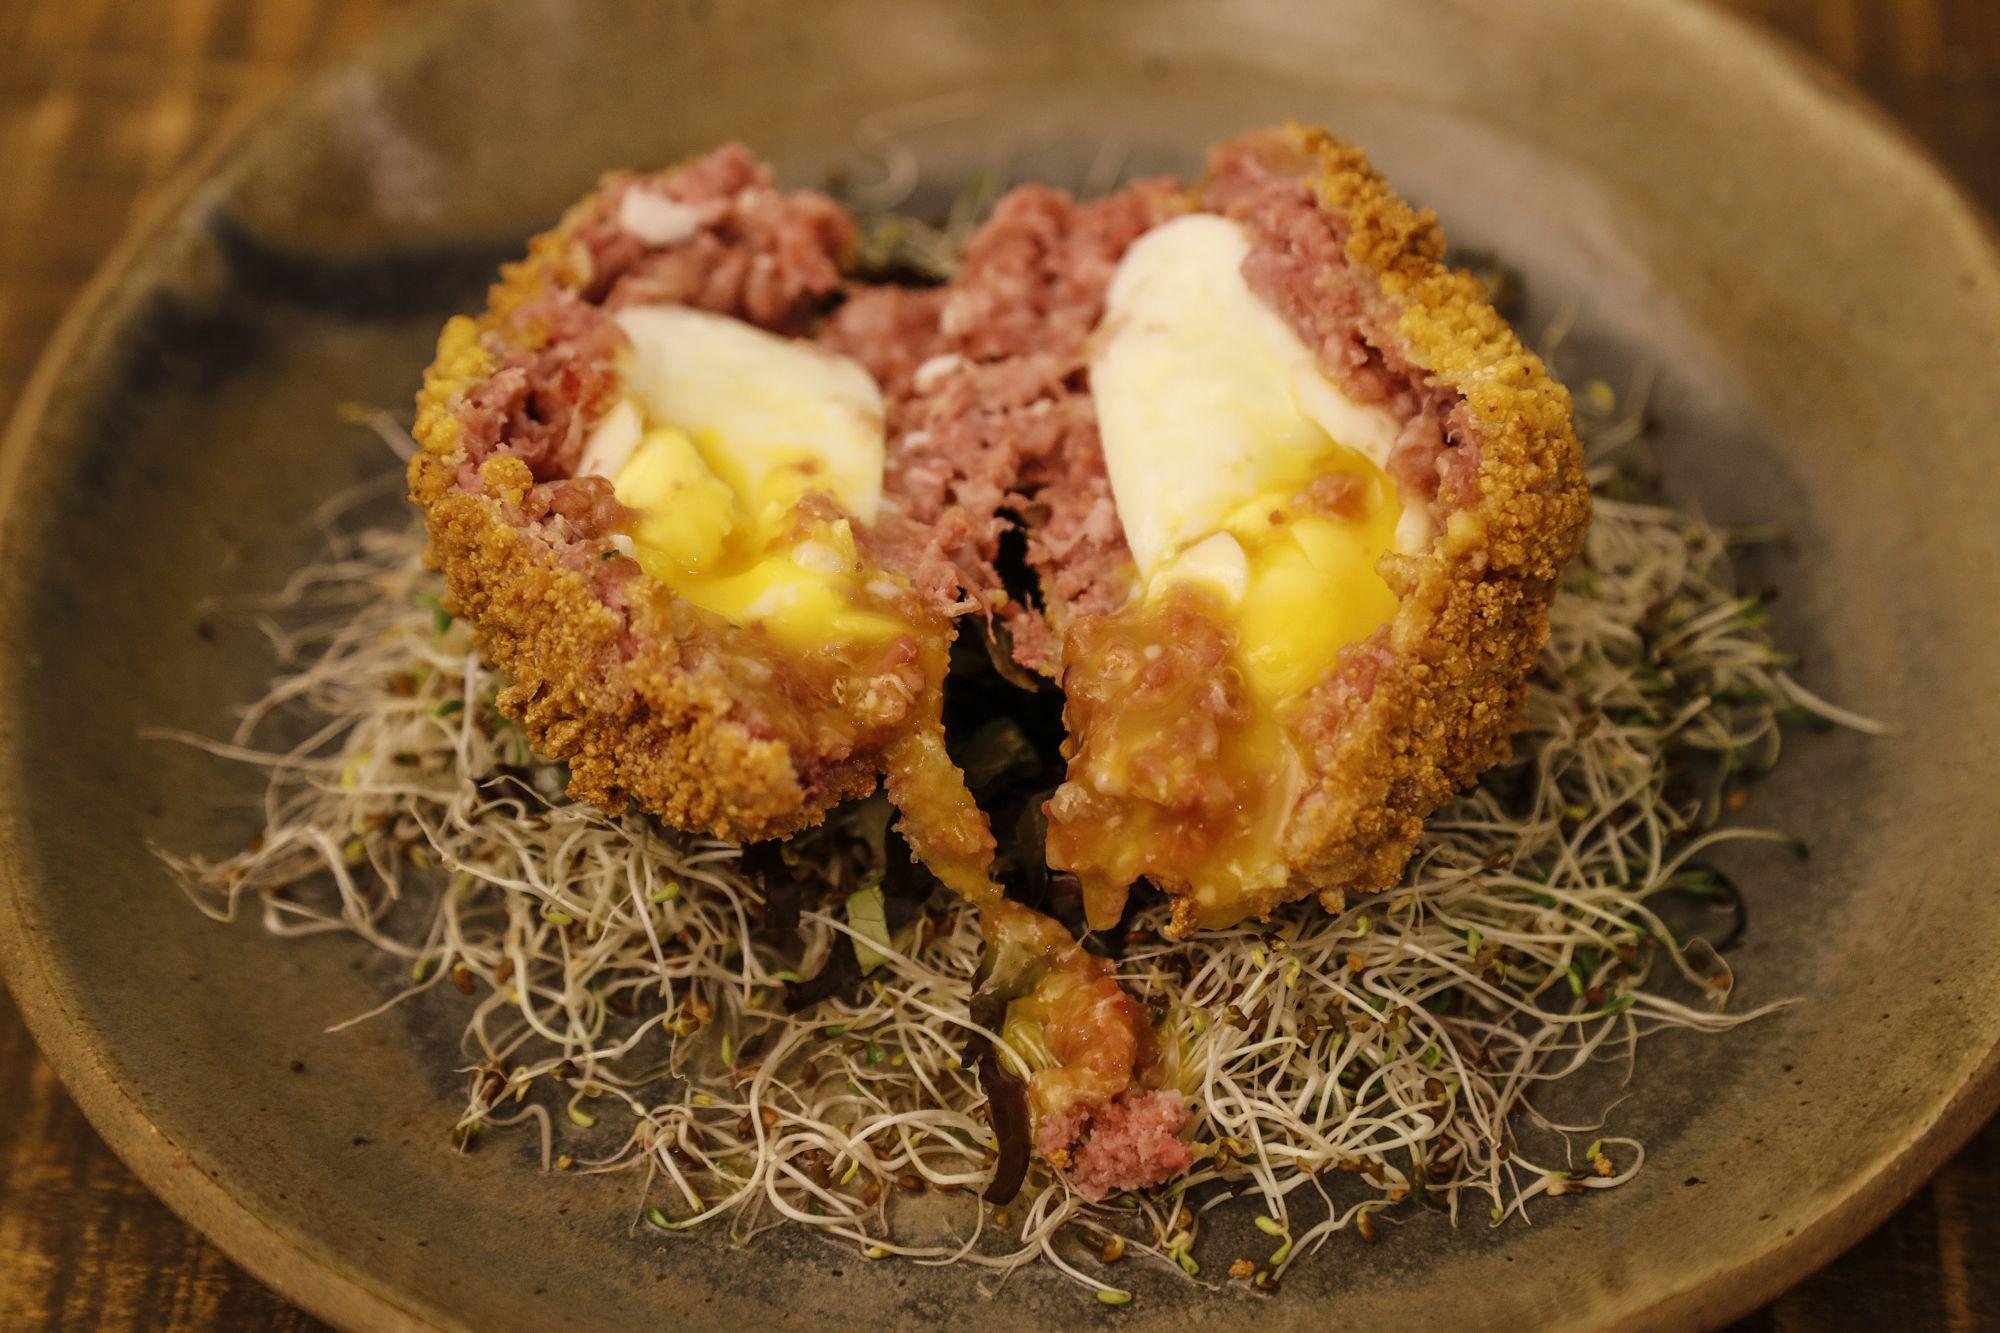 Novo espaço que une arte e gastronomia local tem bolovo de linguiça Blumenau